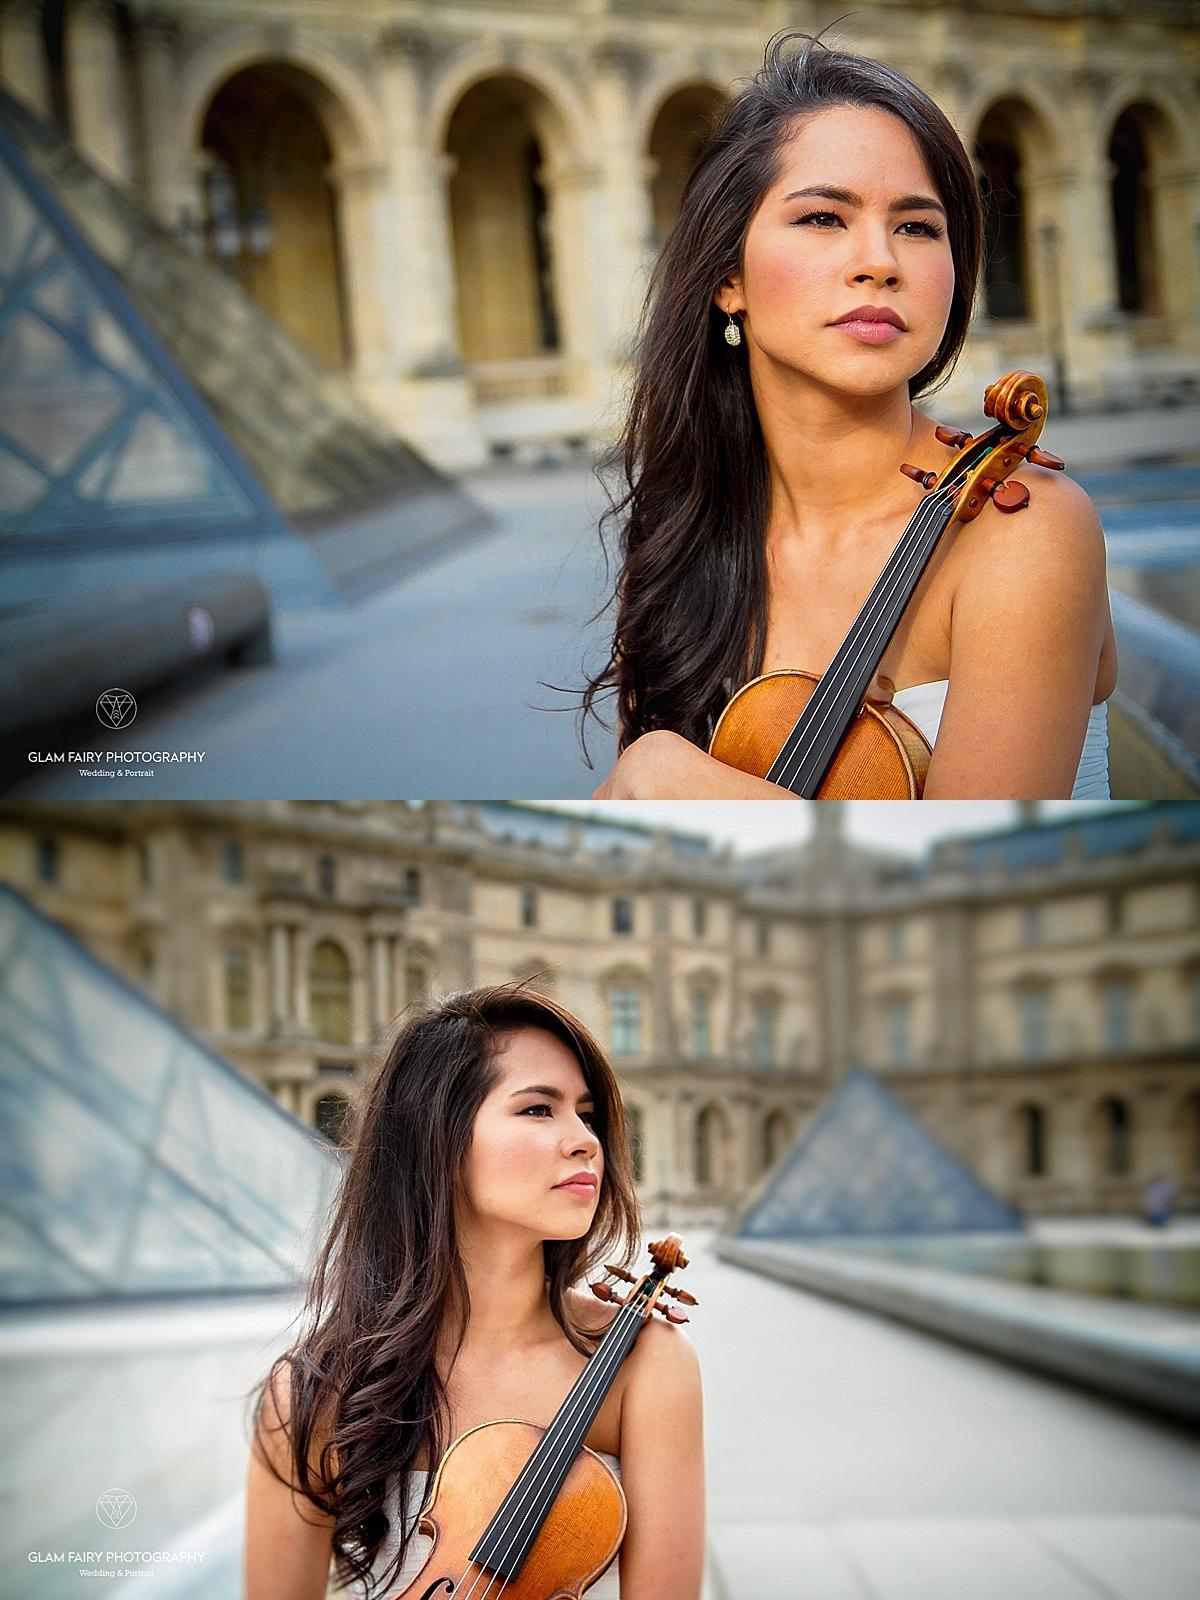 GlamFairyPhotography-seance-portrait-femme-violoniste-paris-michelle_0007